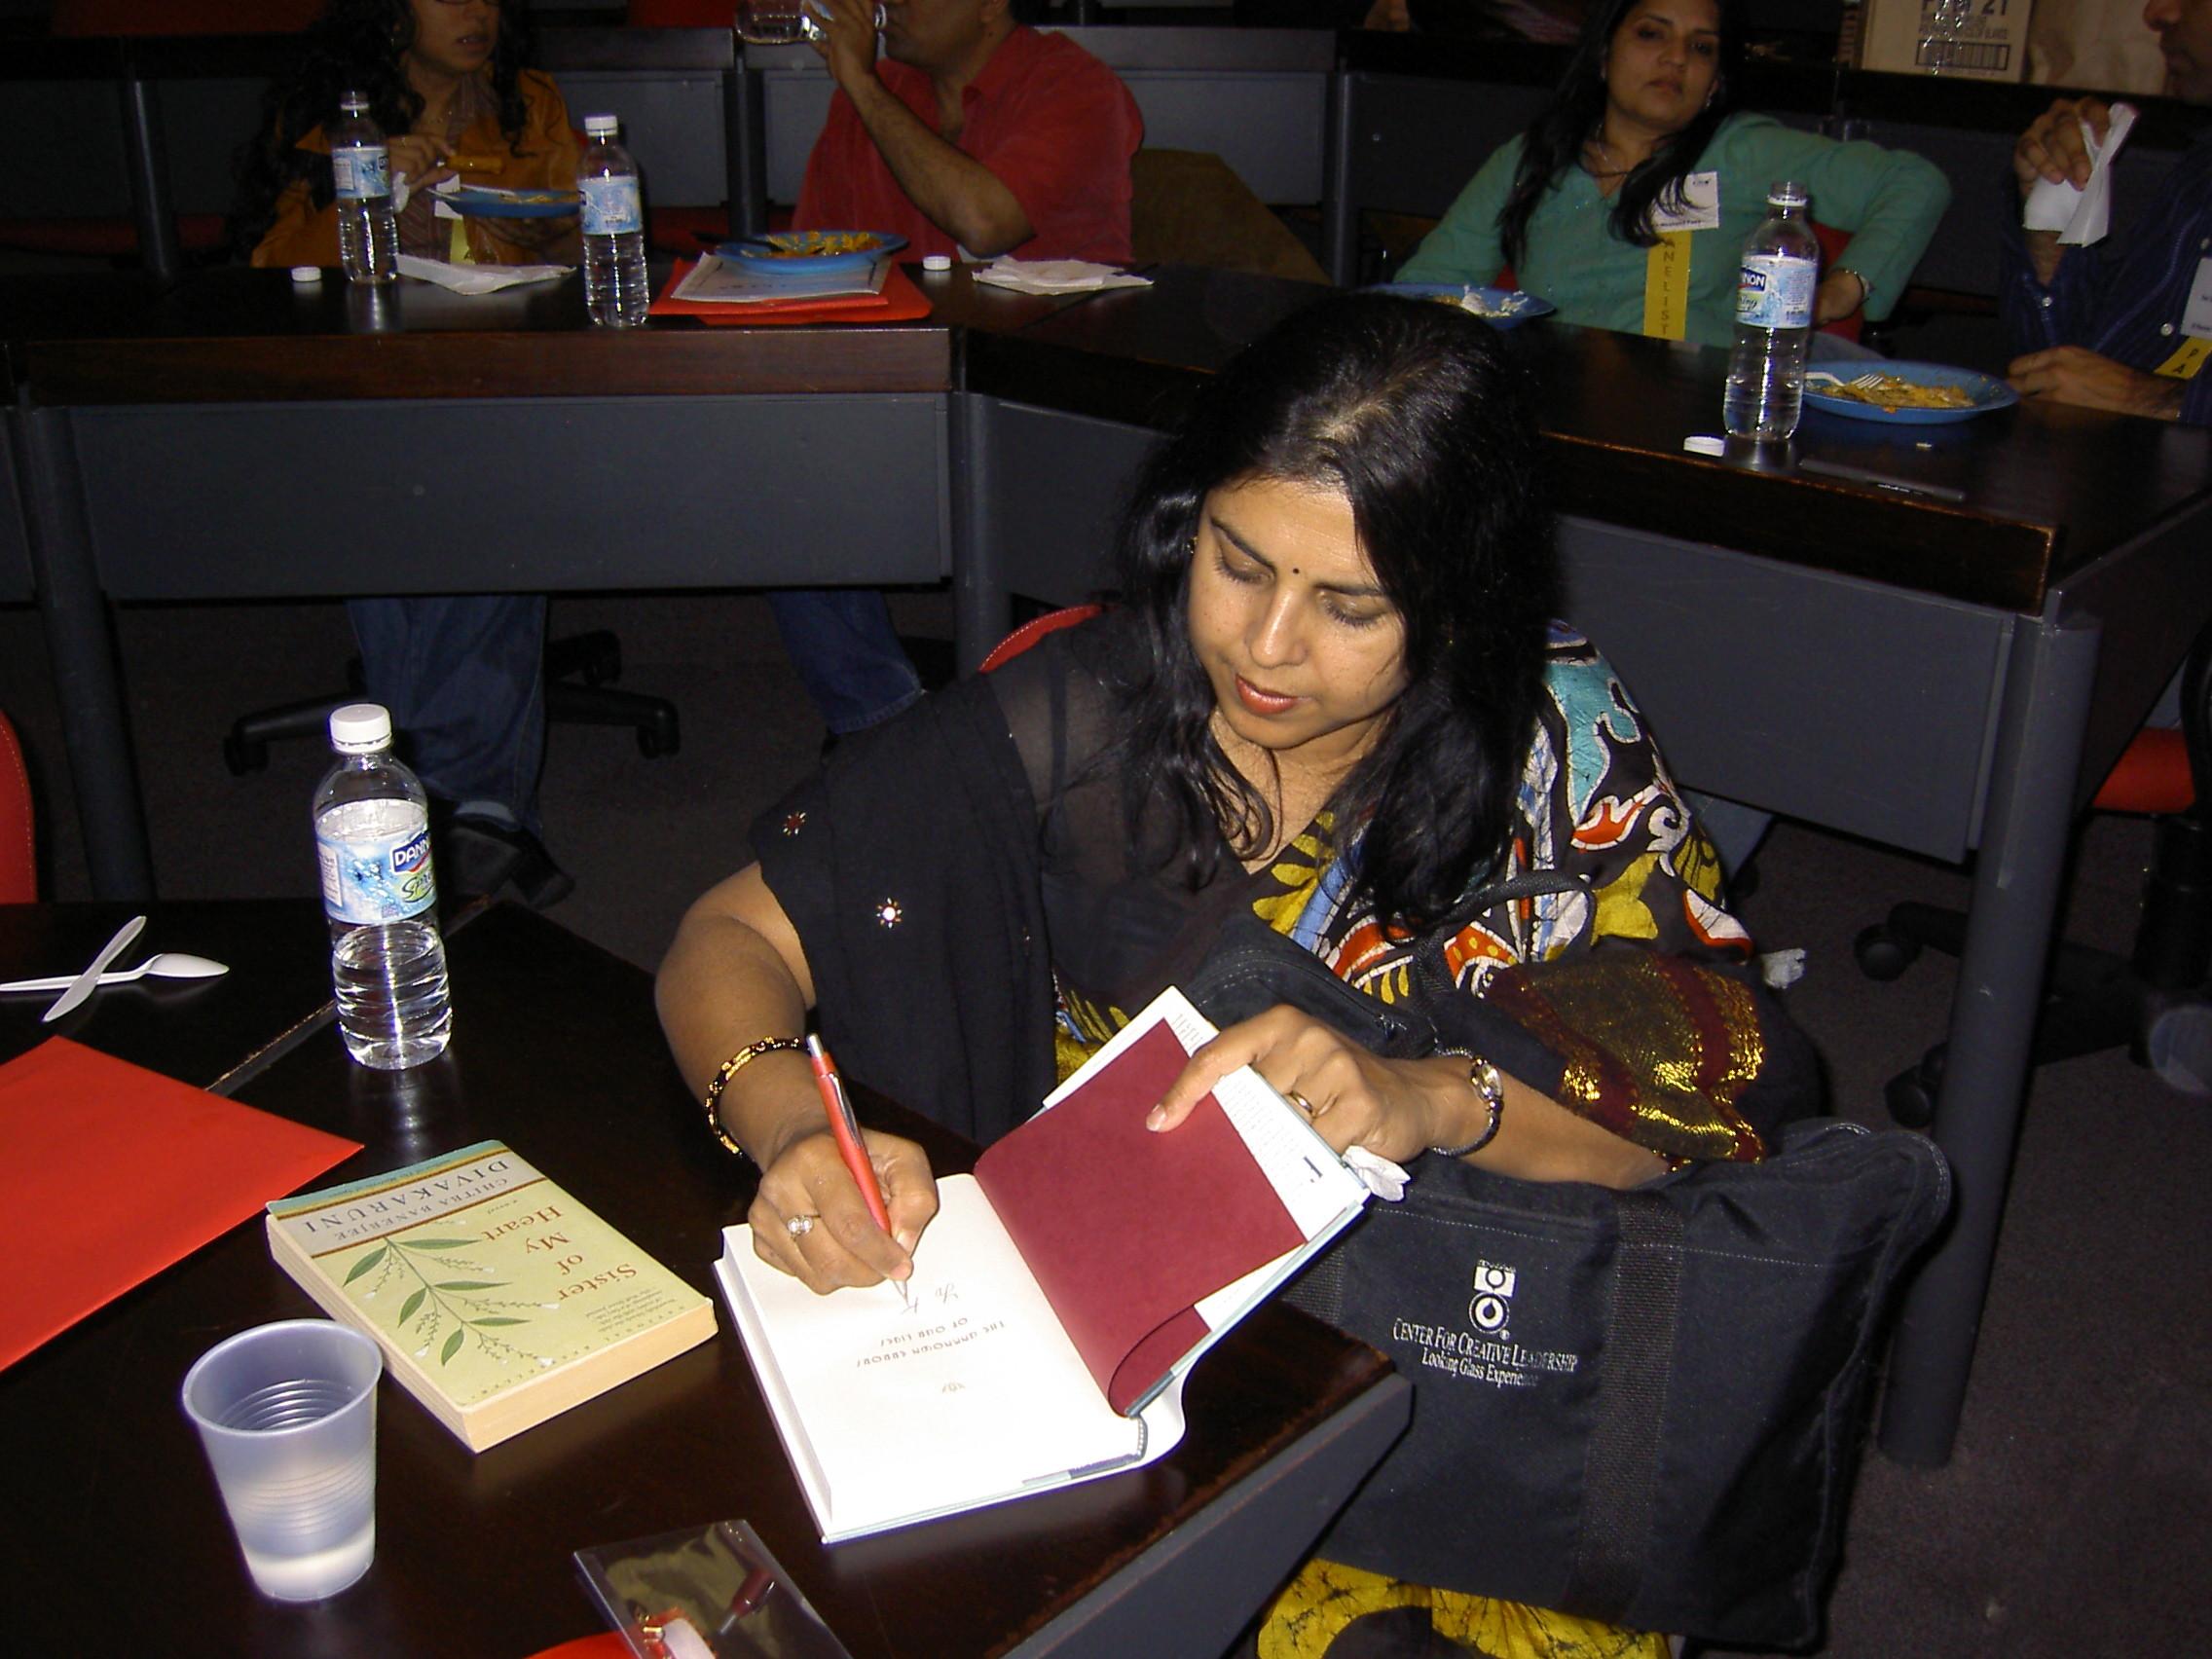 Mother tongue essay amy tan